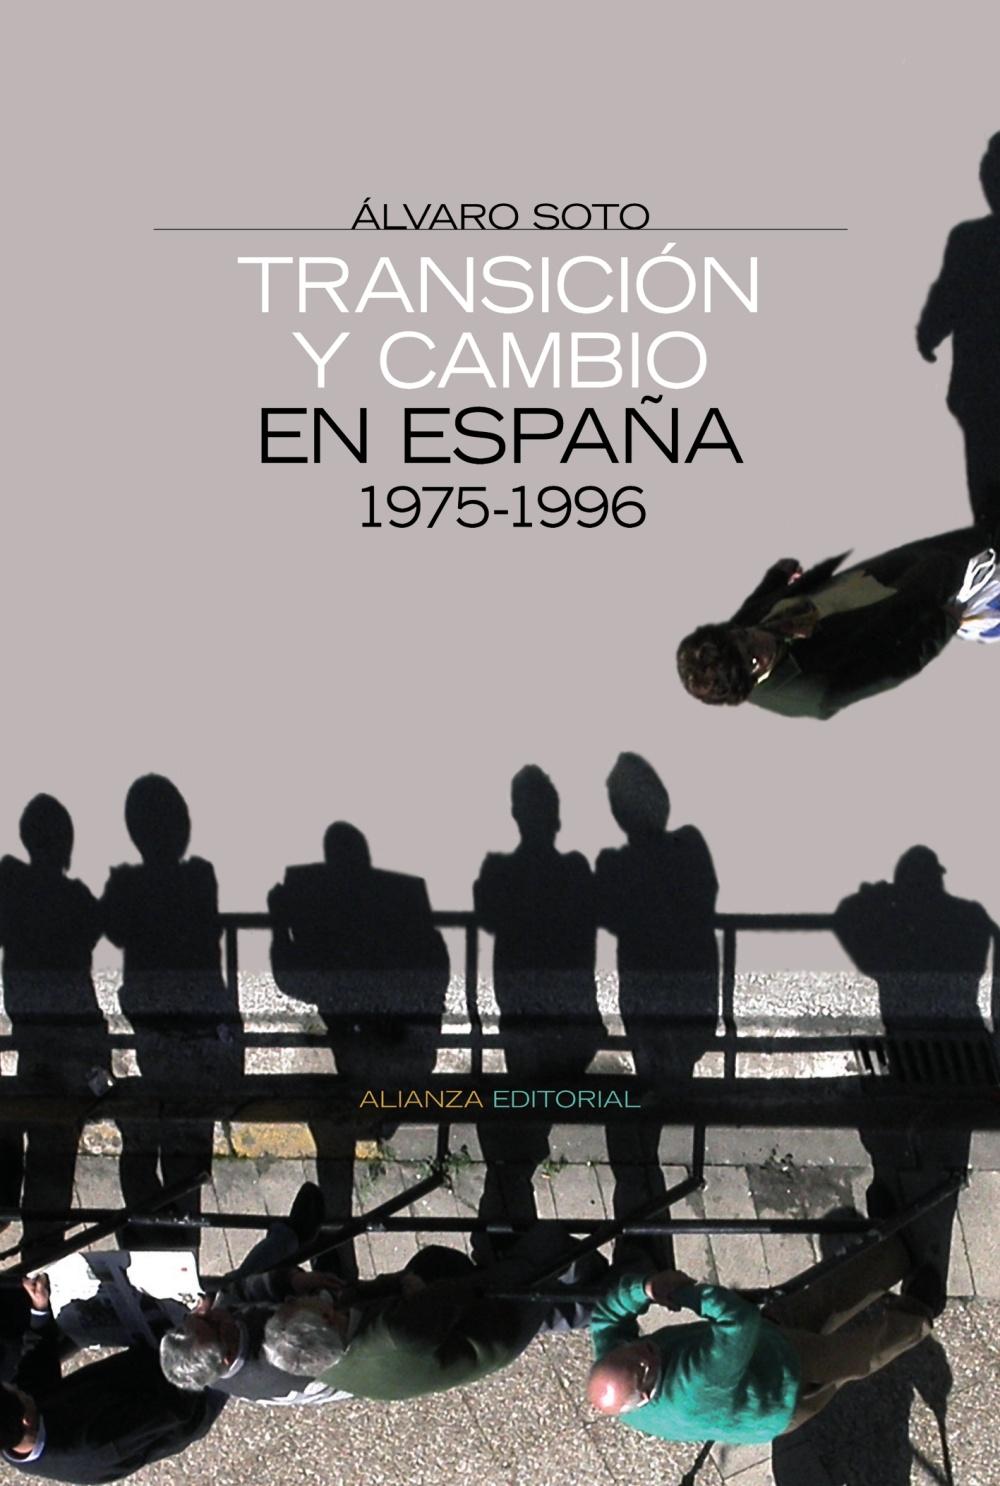 Transicion Y Cambio En España: 1975-1996 por Alvaro Soto